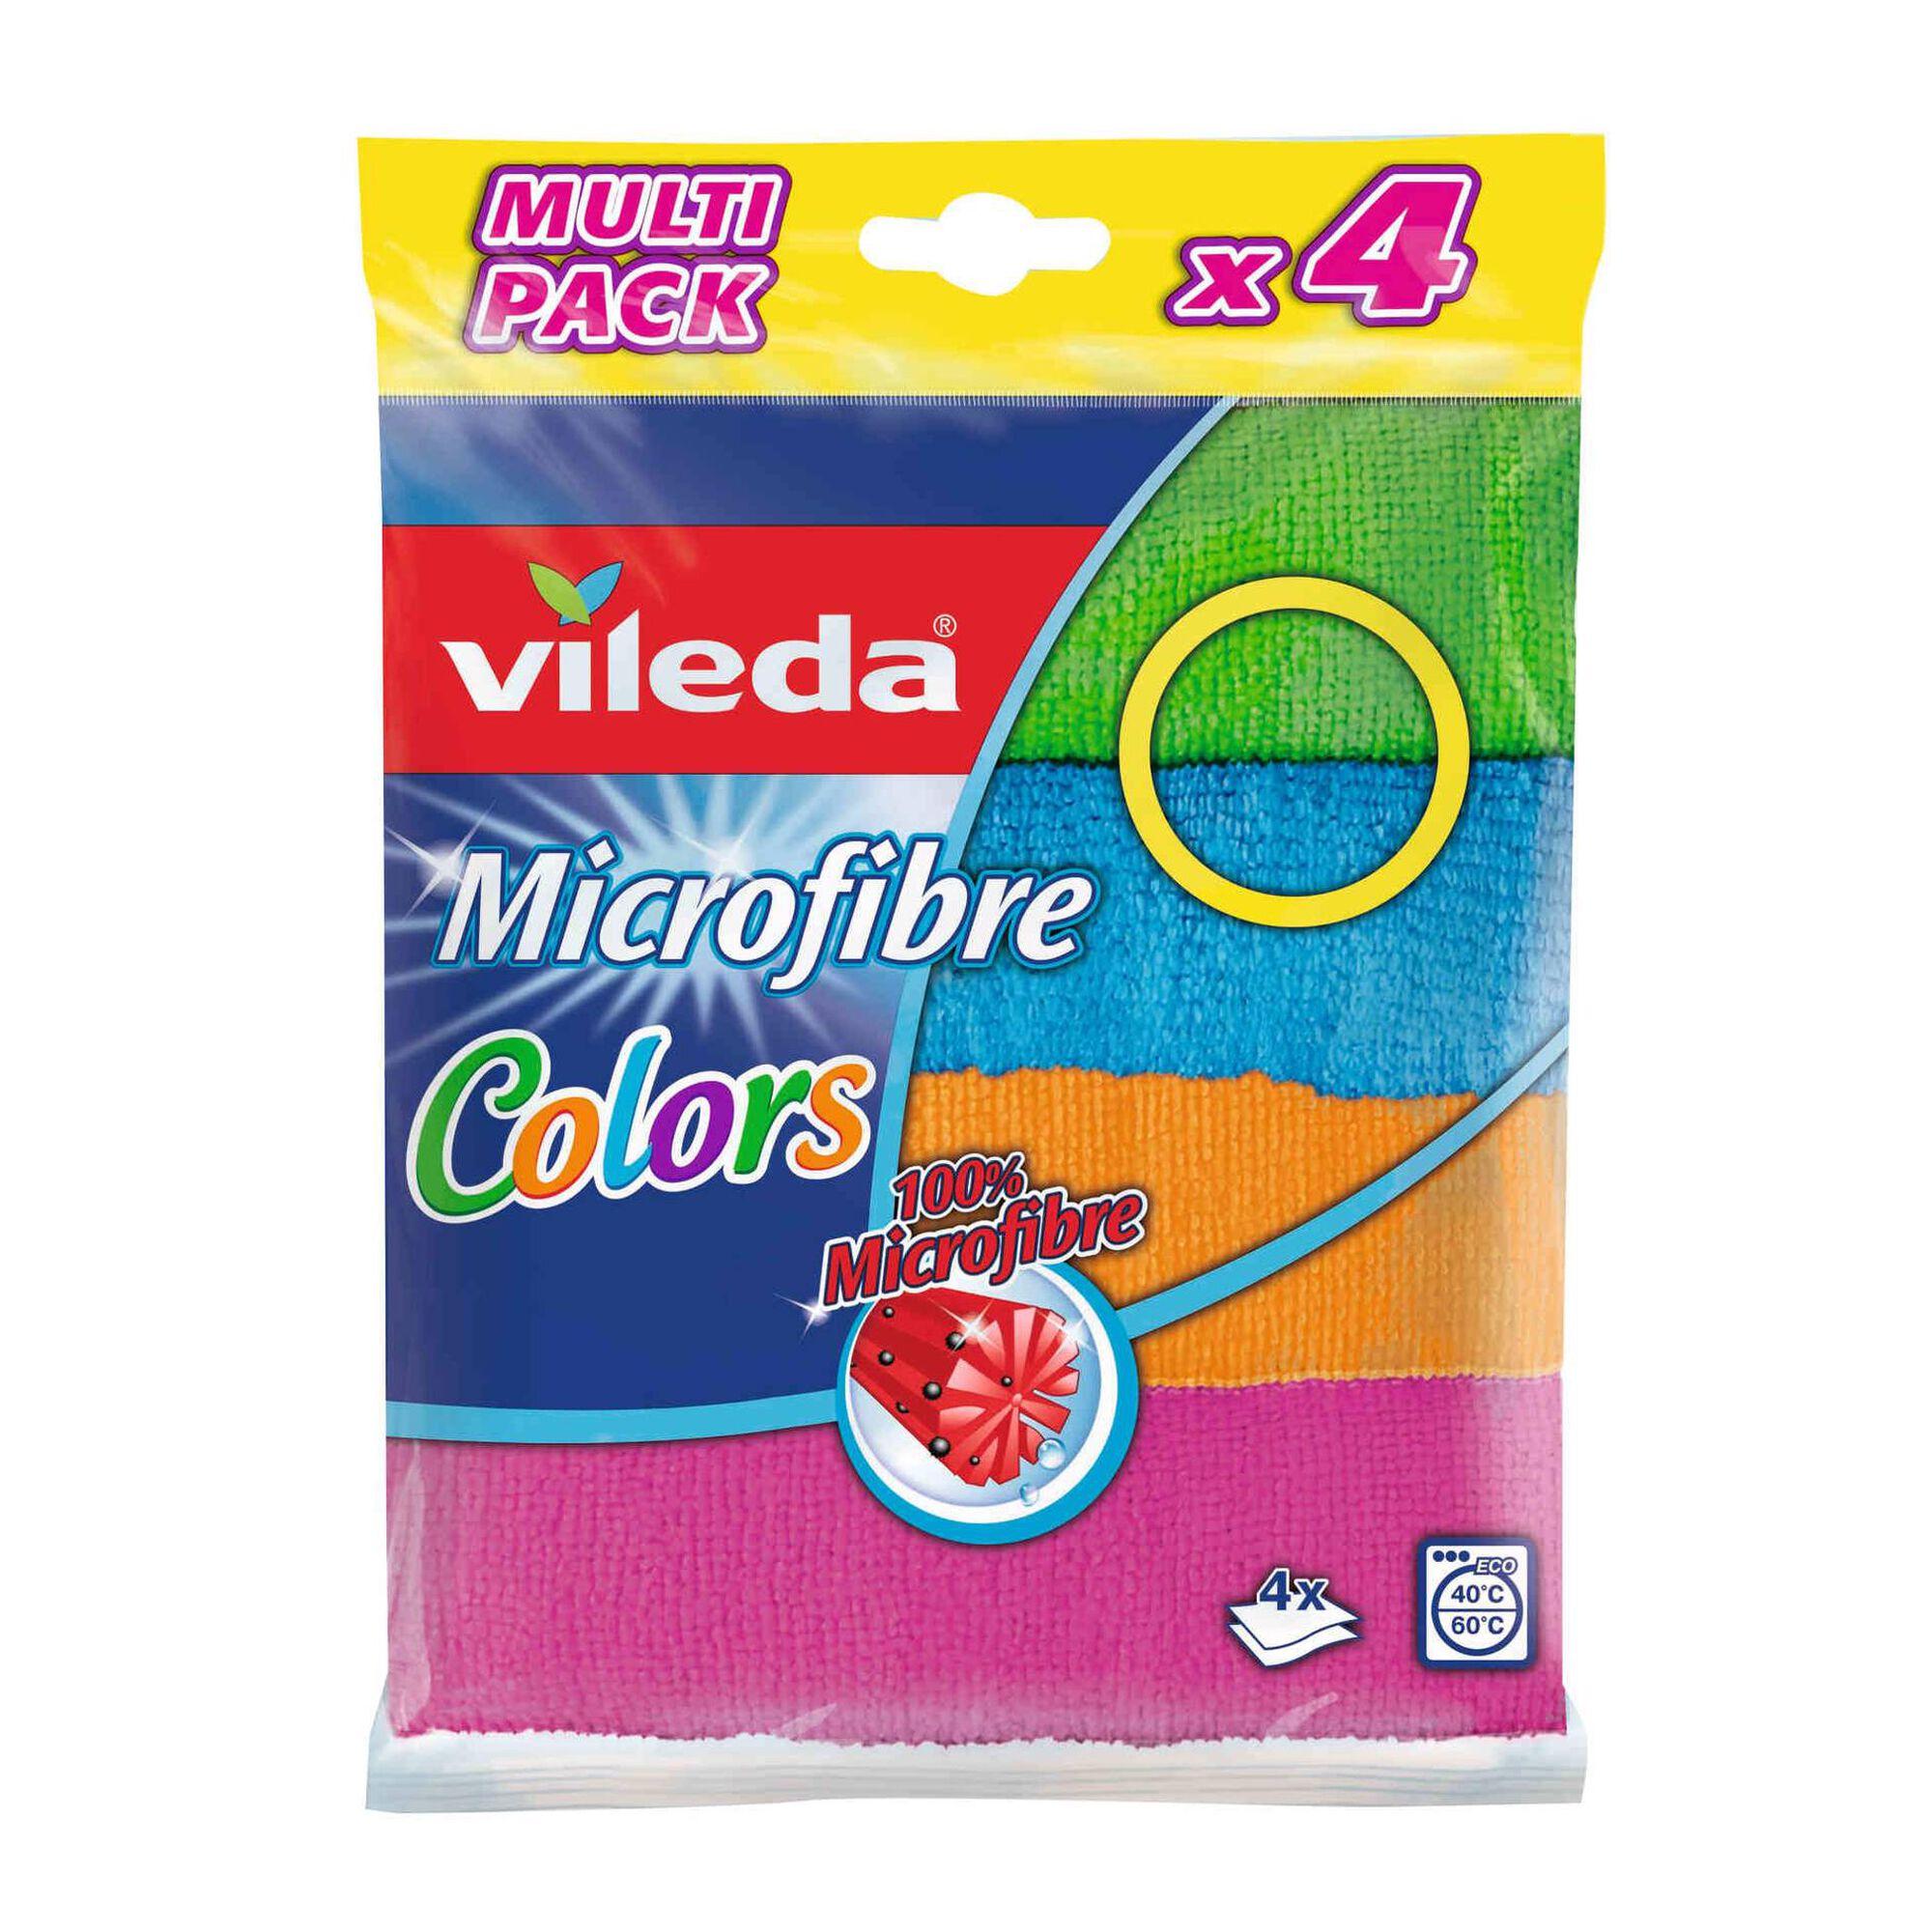 Pano Microfibras Cores